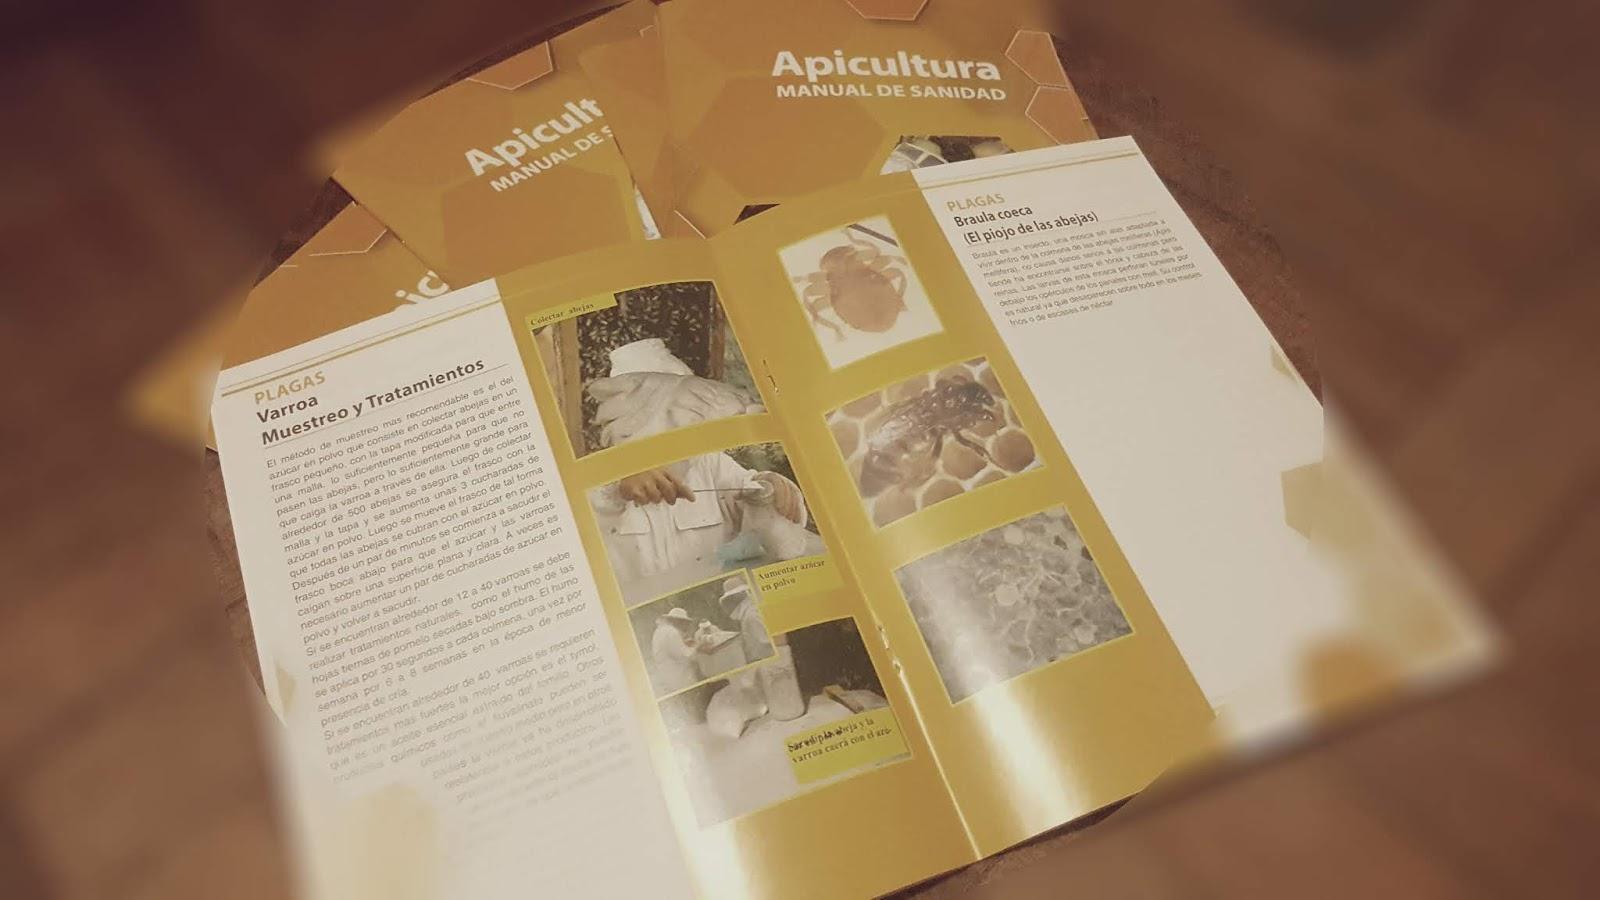 Apicultura-Manual-sanidad